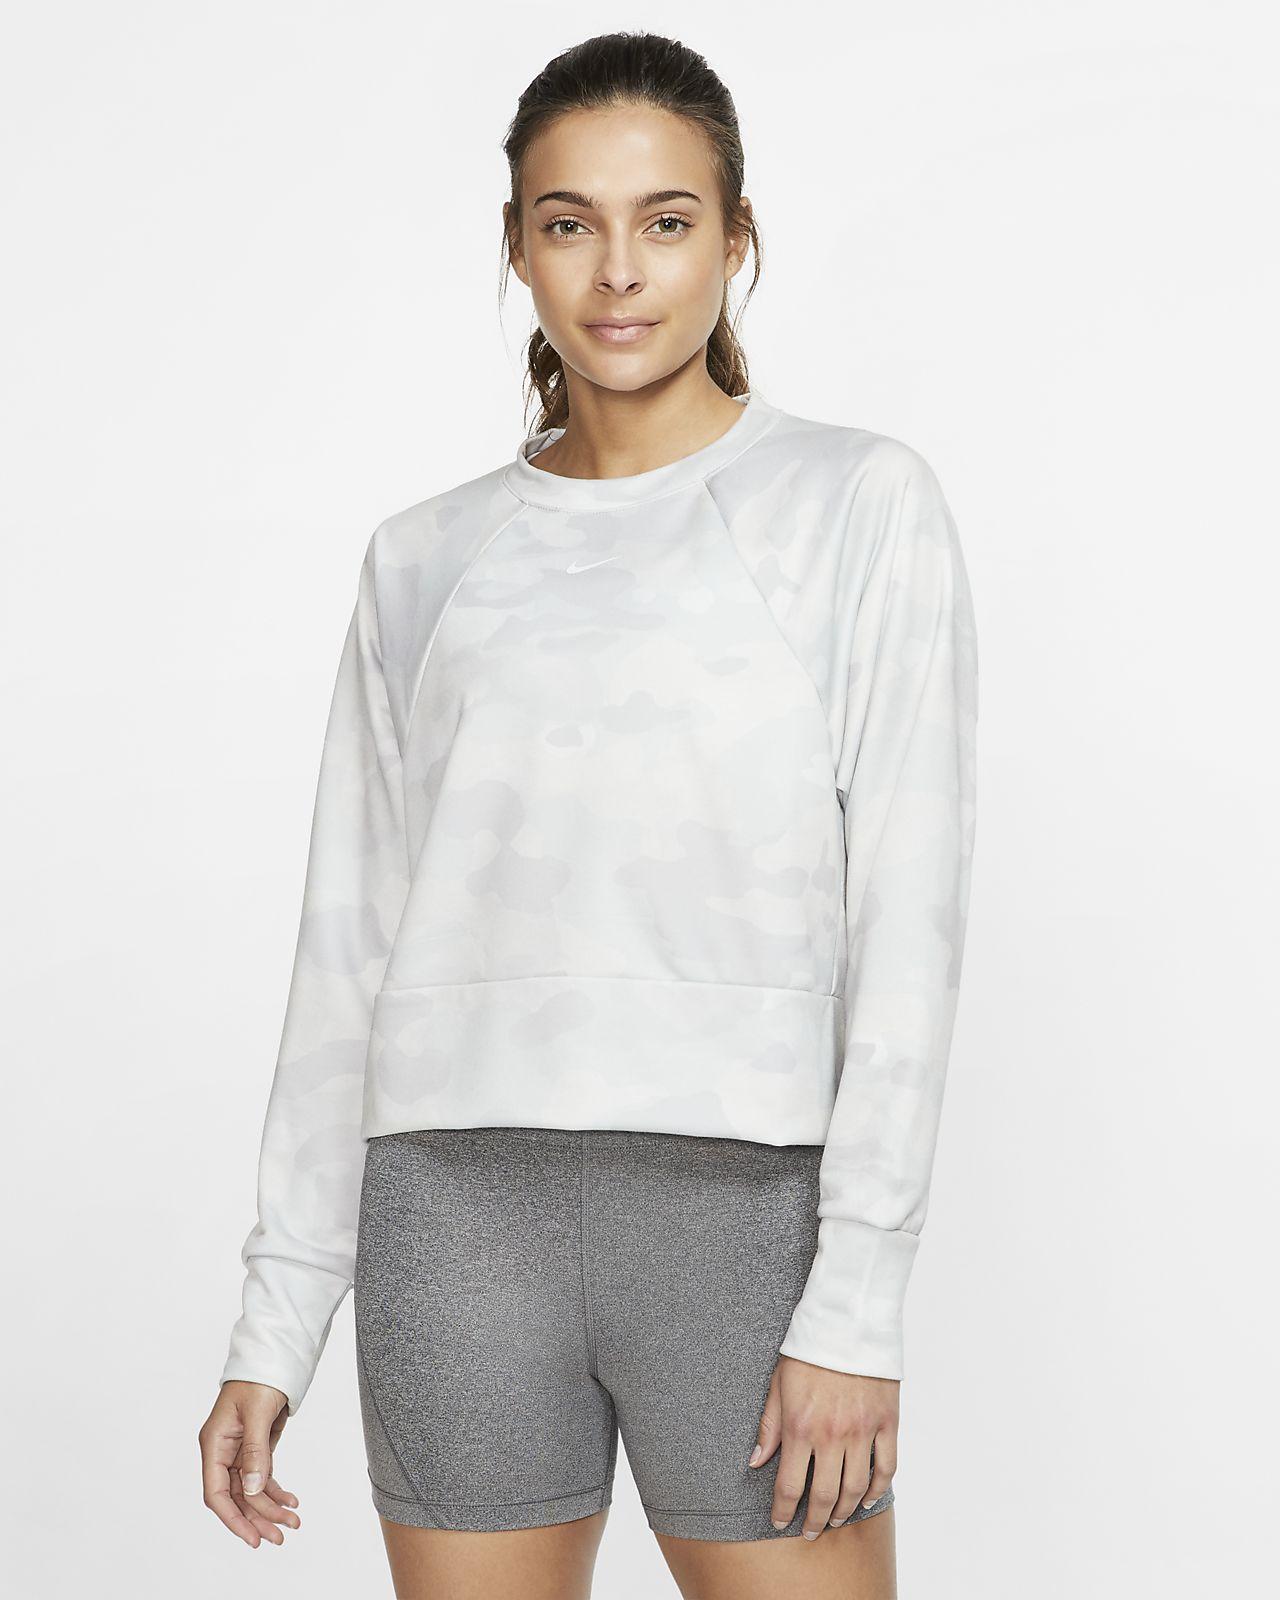 Camisola de treino de lã cardada com padrão camuflado Nike Dri-FIT para mulher